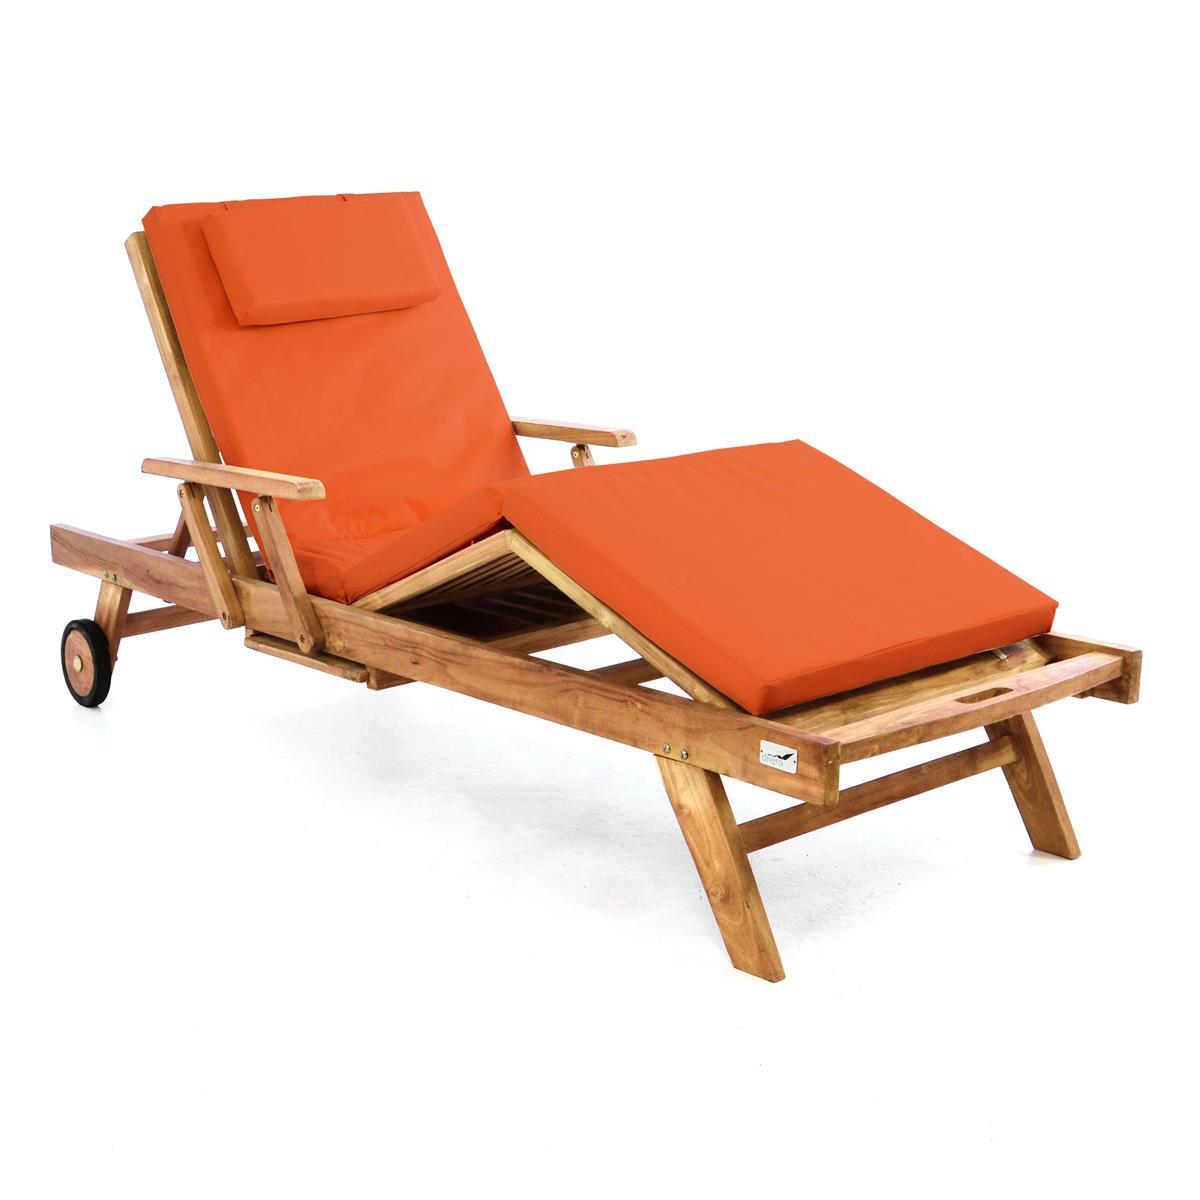 DIVERO Sonnenliege Gartenliege Tablett Teak Holz behandelt Auflage orange